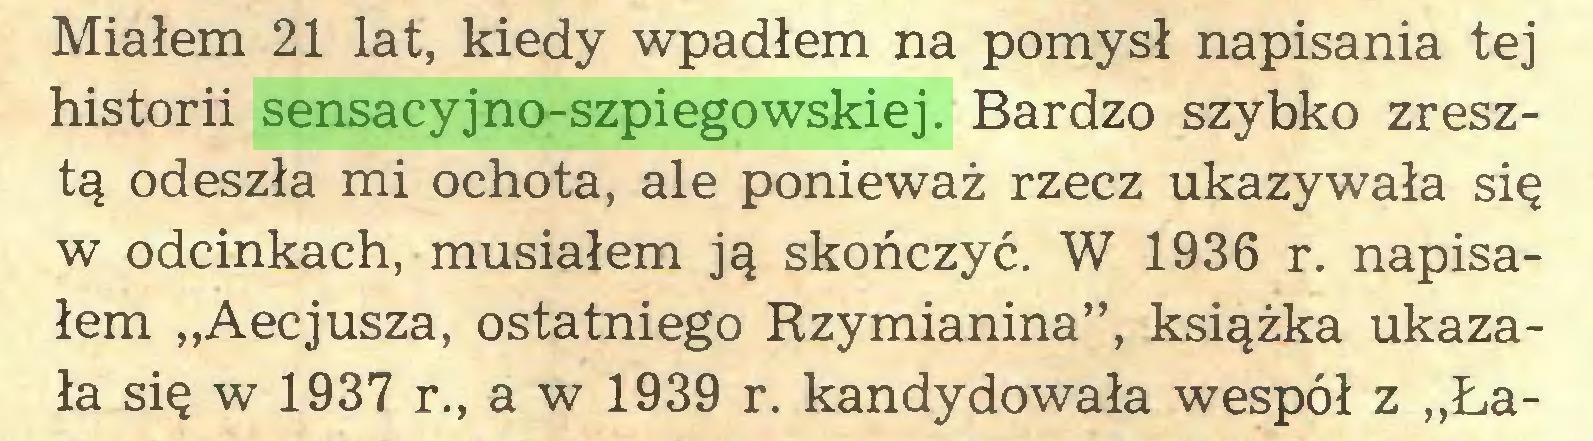 """(...) Miałem 21 lat, kiedy wpadłem na pomysł napisania tej historii sensacyjno-szpiegowskiej. Bardzo szybko zresztą odeszła mi ochota, ale ponieważ rzecz ukazywała się w odcinkach, musiałem ją skończyć. W 1936 r. napisałem """"Aecjusza, ostatniego Rzymianina"""", książka ukazała się w 1937 r., a w 1939 r. kandydowała wespół z """"Ła..."""